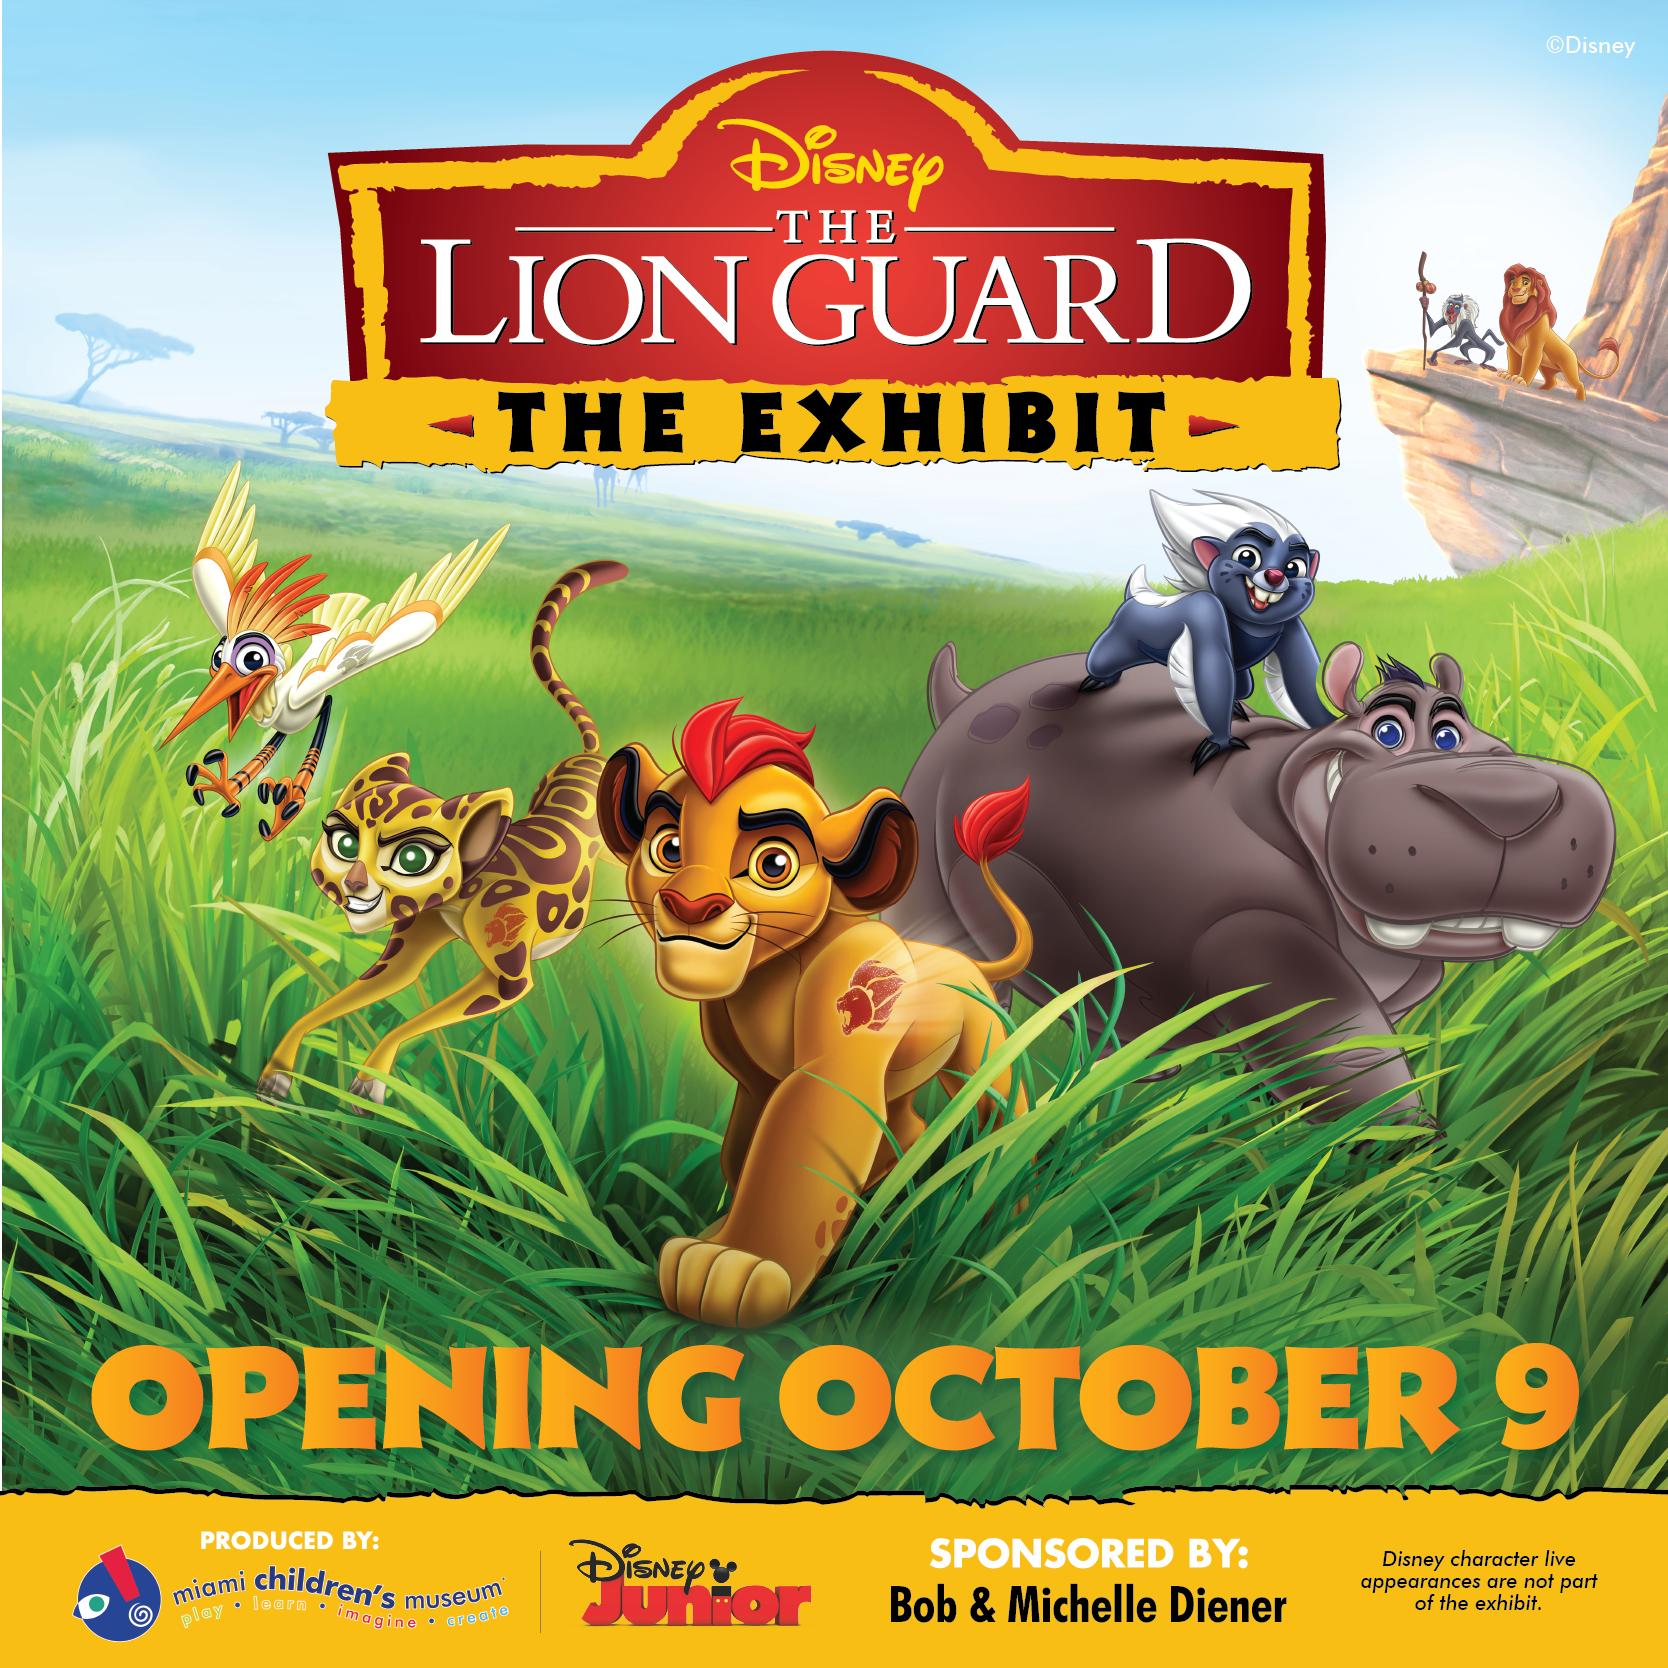 The Lion Guard: The Exhibit